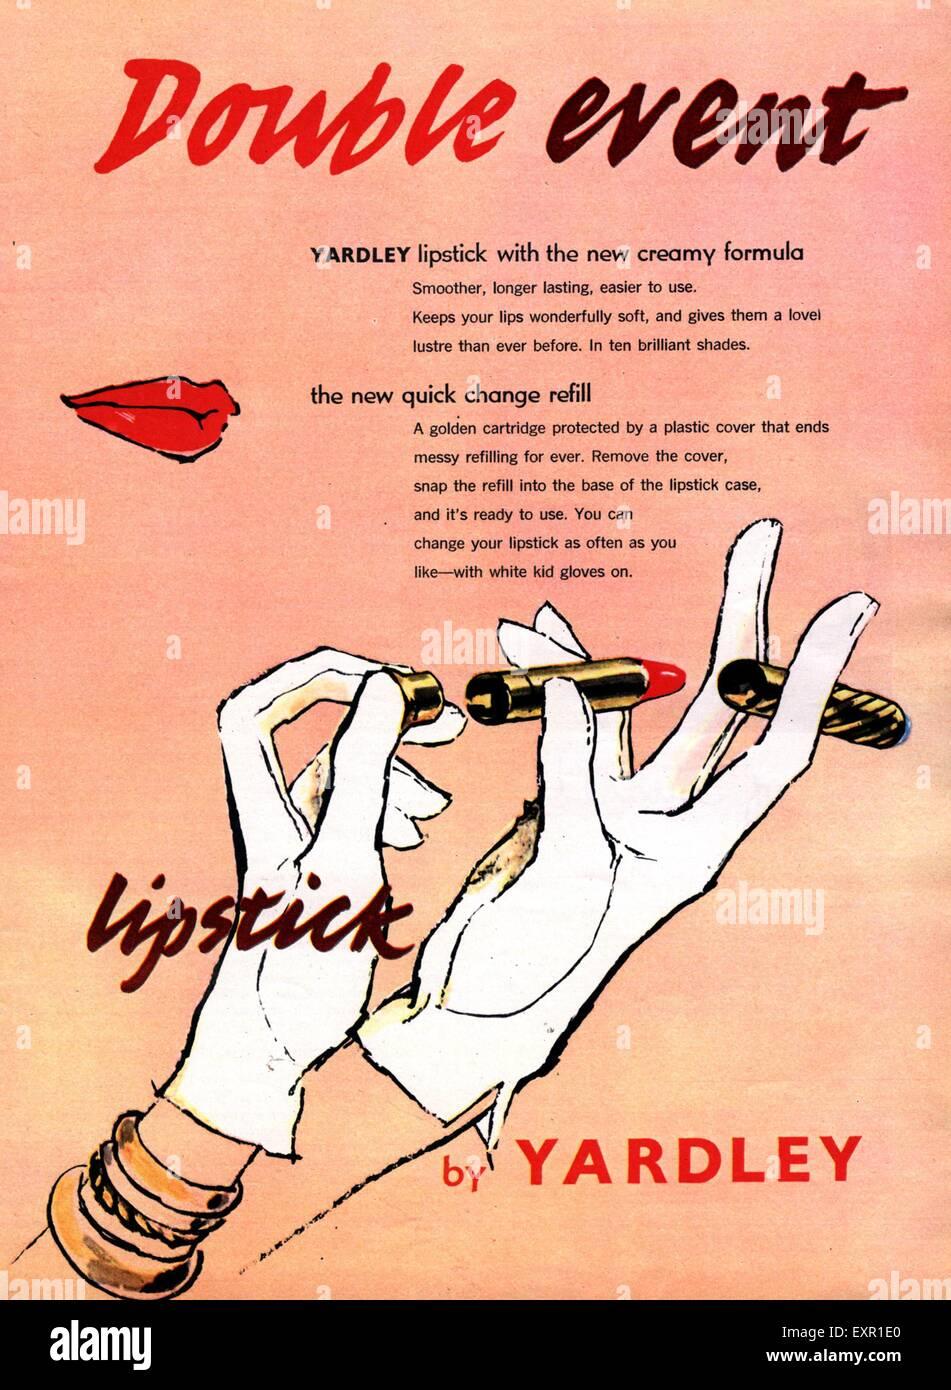 1950s Makeup Stock Photos & 1950s Makeup Stock Images - Alamy